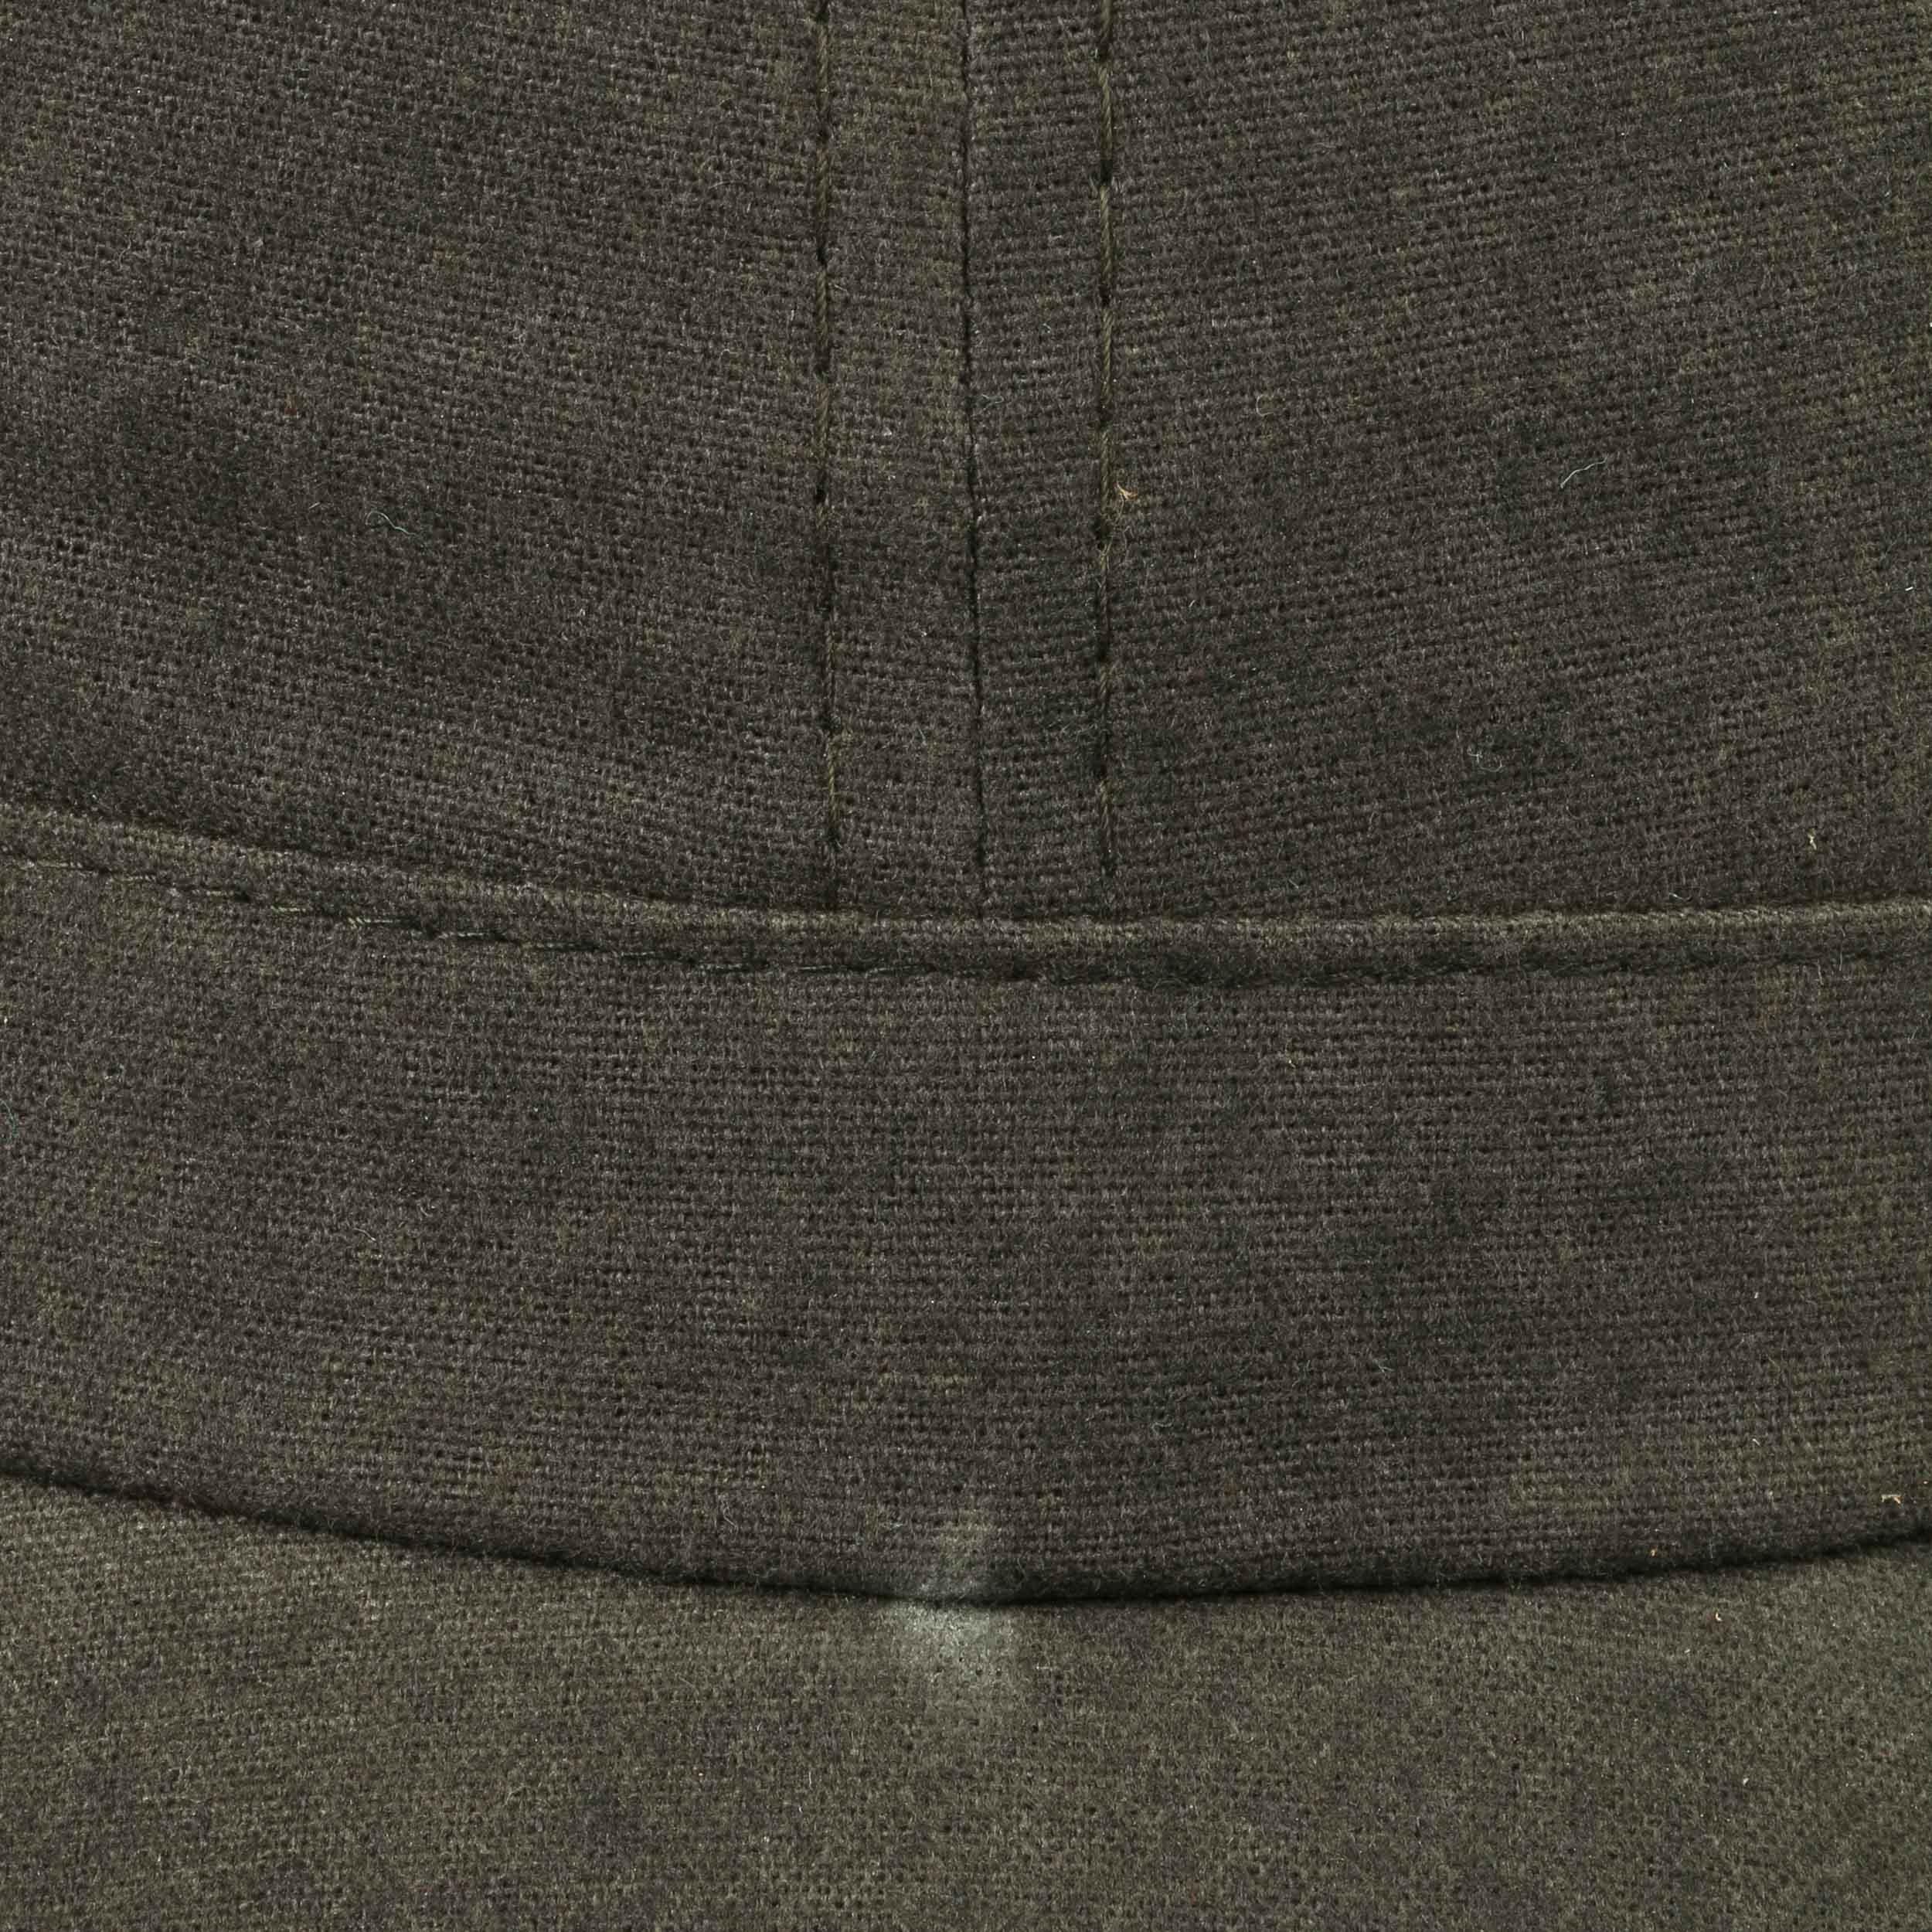 Katonah Plain Army Cap By Stetson 40 95 Chf